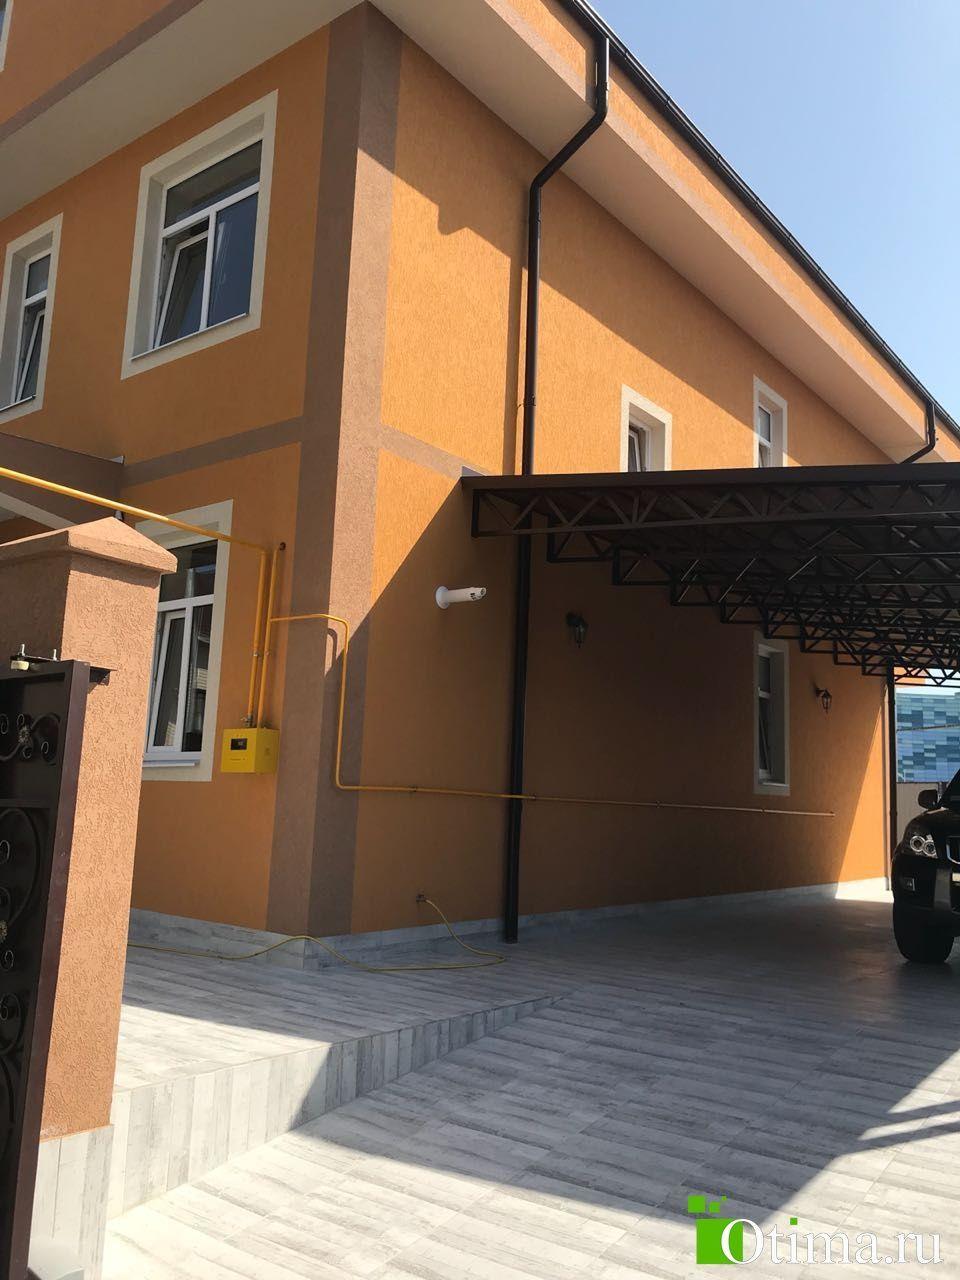 Продаю дом в Сочи ул.Камышовая.